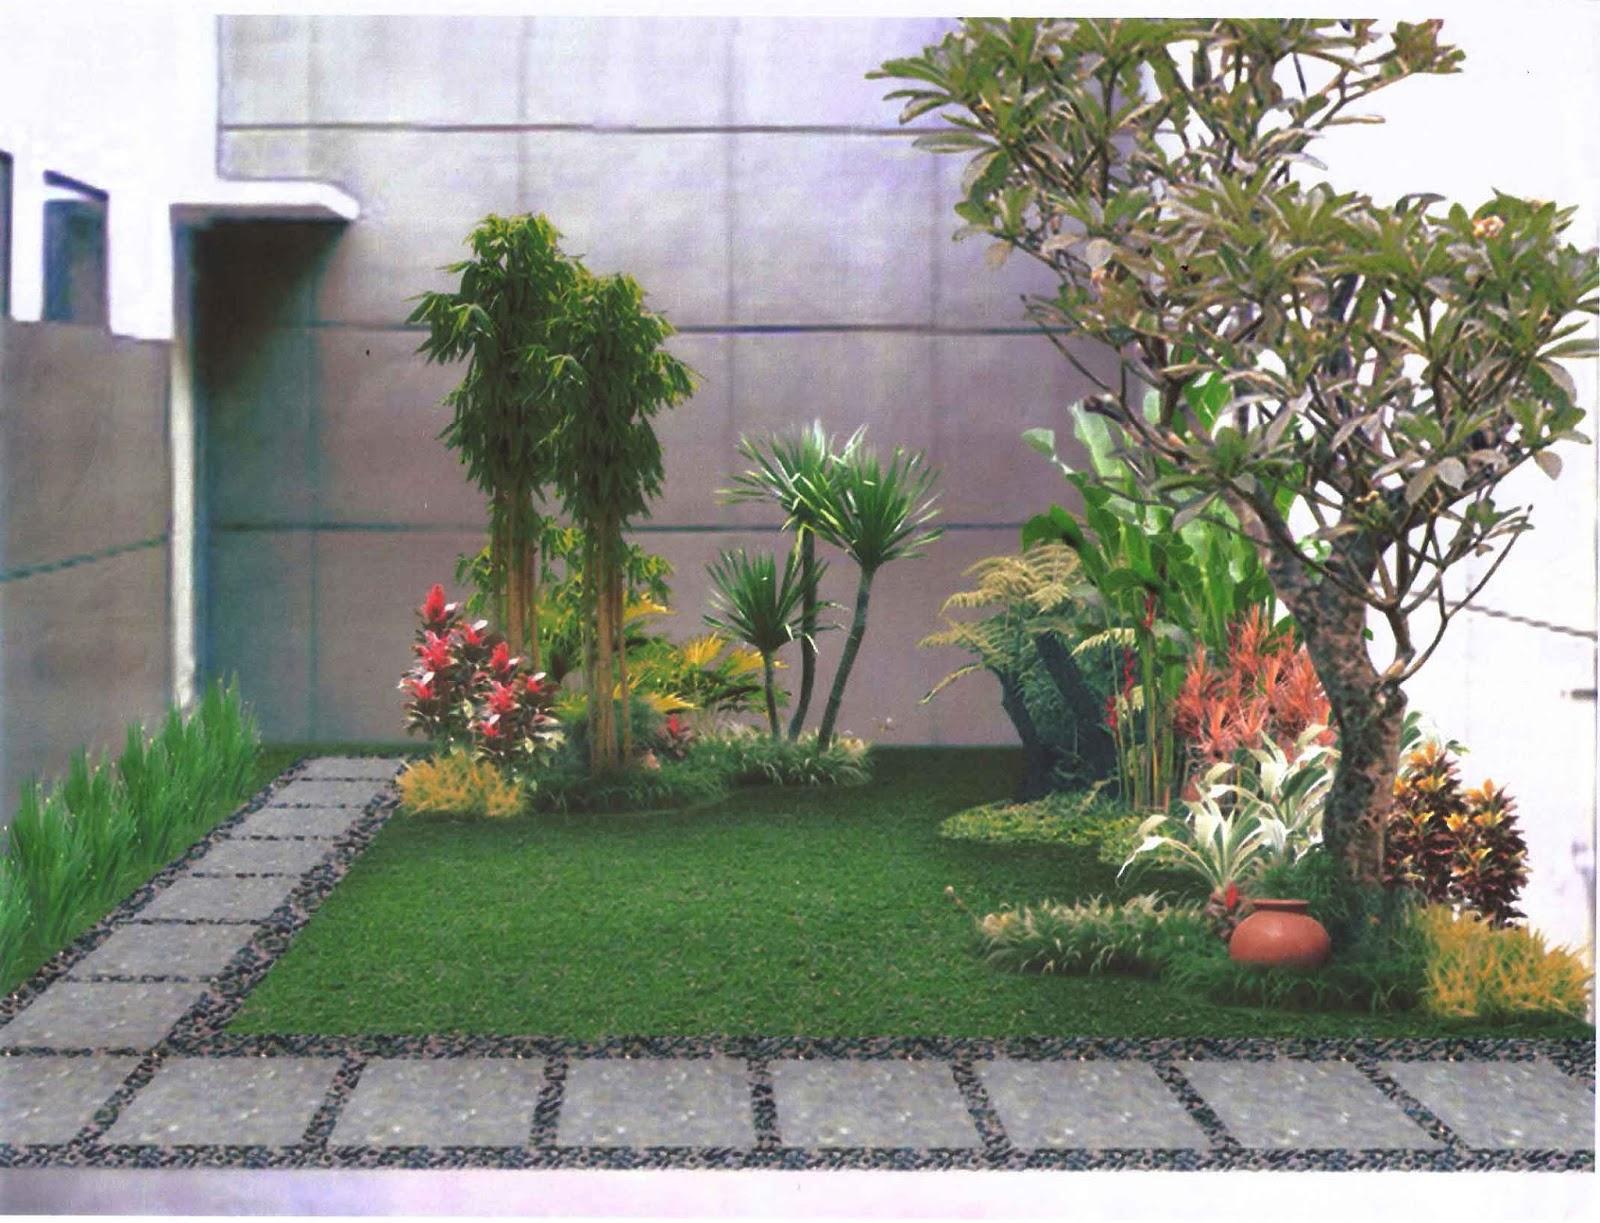 10 desain gambar taman rumah cantik modern sederhana dan - Suelos para jardines pequenos ...